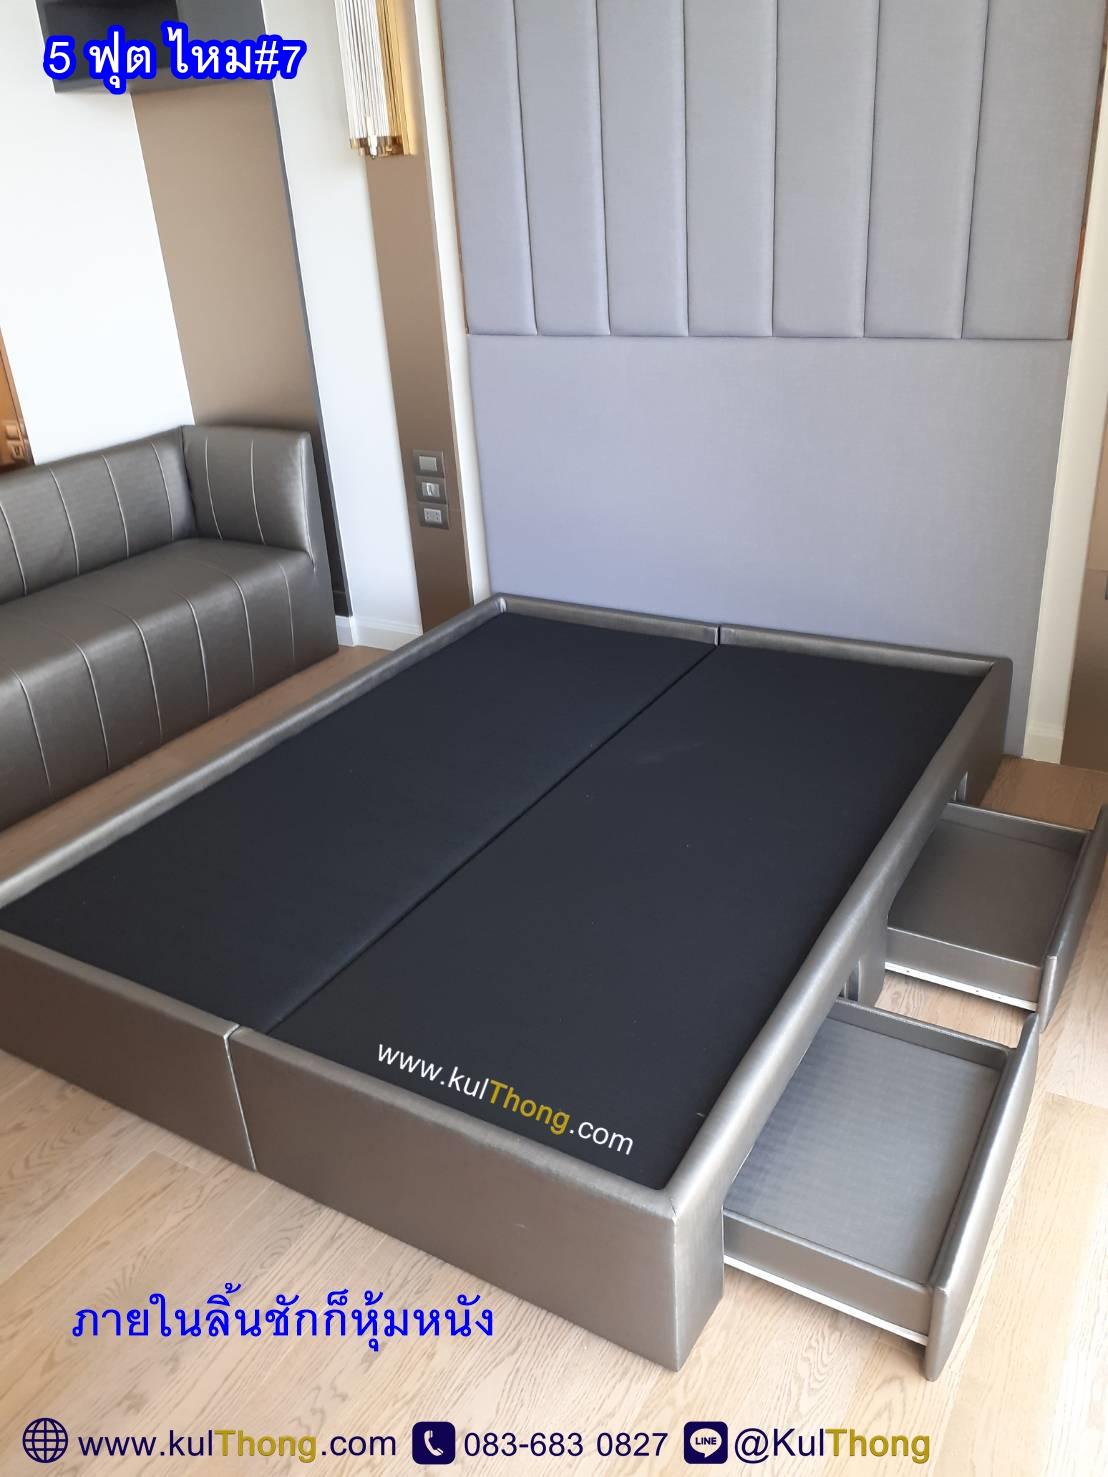 เตียงลิ้นชัก เตียงหุ้มหนัง ฐานรองที่นอนแบบไม่มีหัวเตียง เตียงเก็บของ